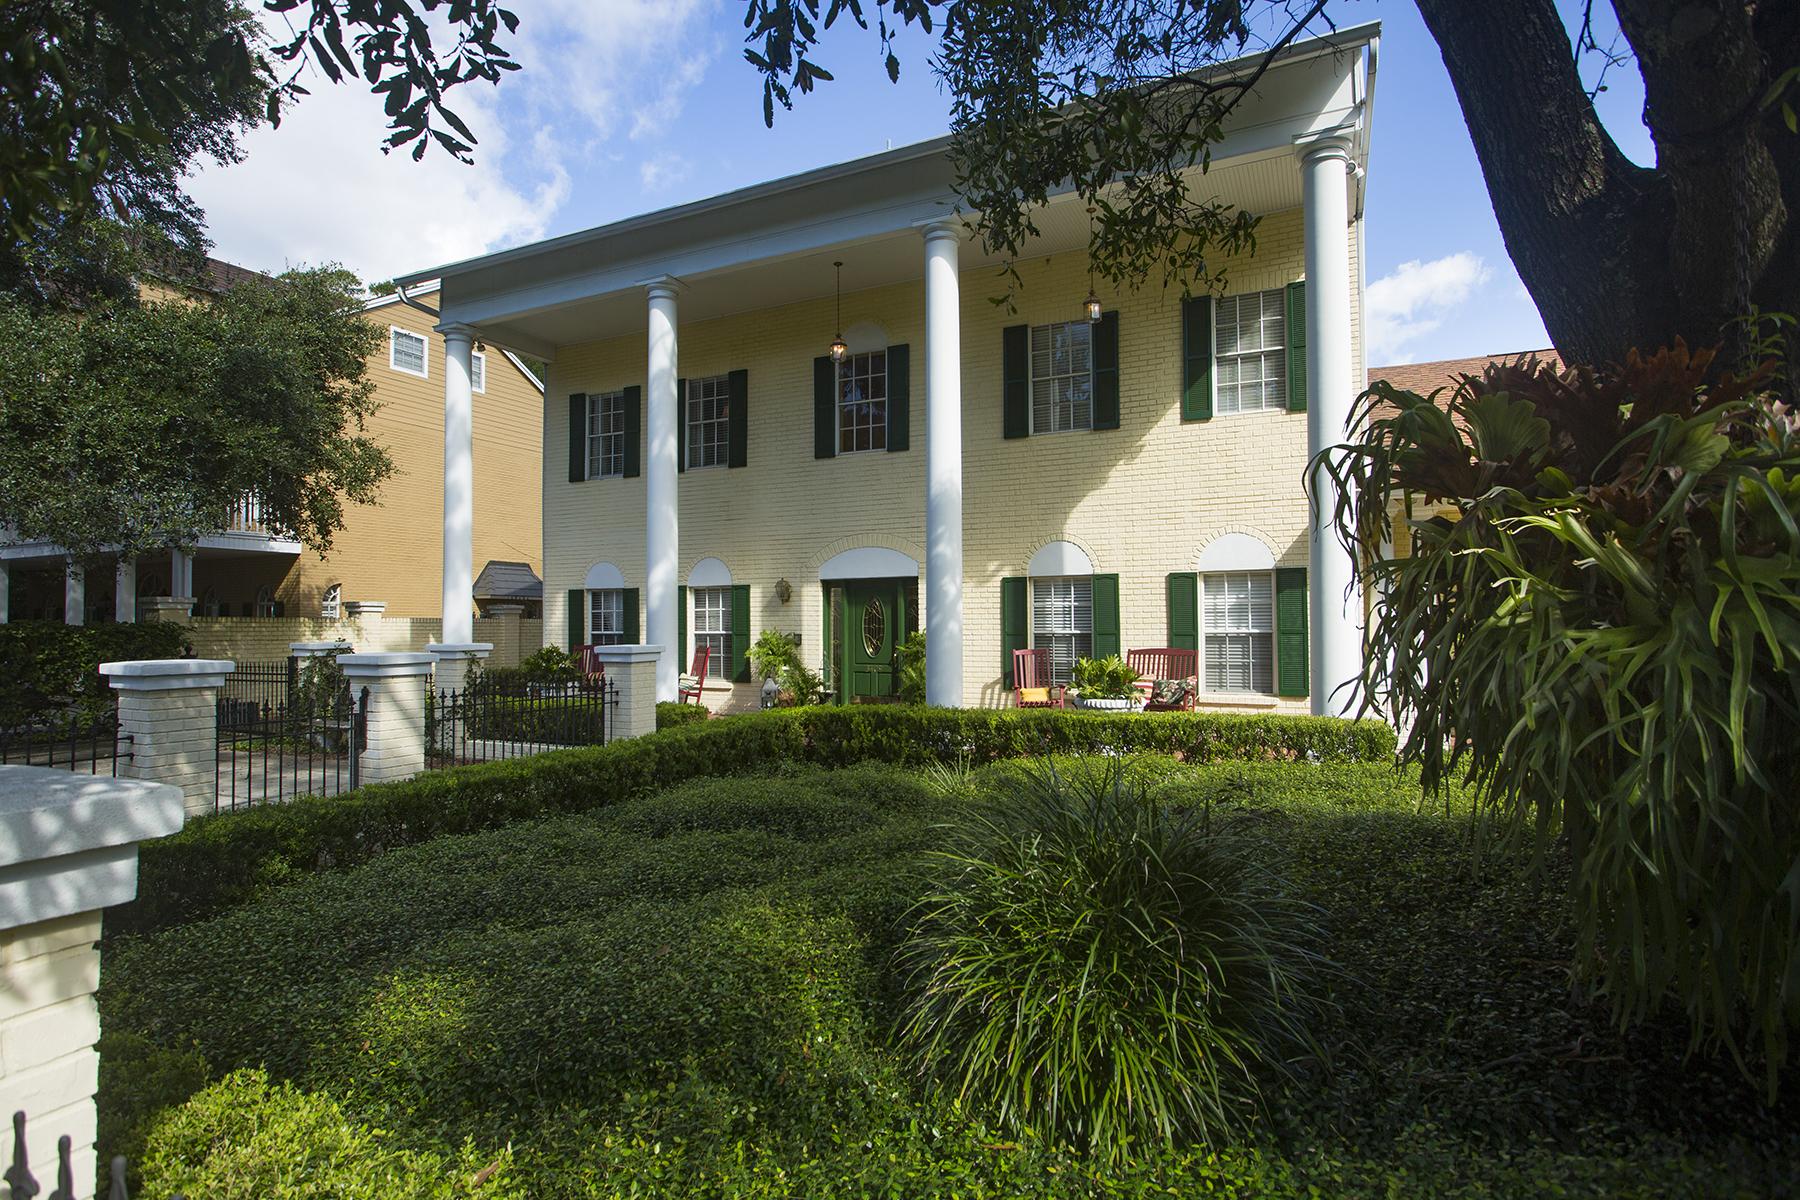 단독 가정 주택 용 매매 에 SOUTH TAMPA 3409 W Mckay Ave Tampa, 플로리다, 33609 미국